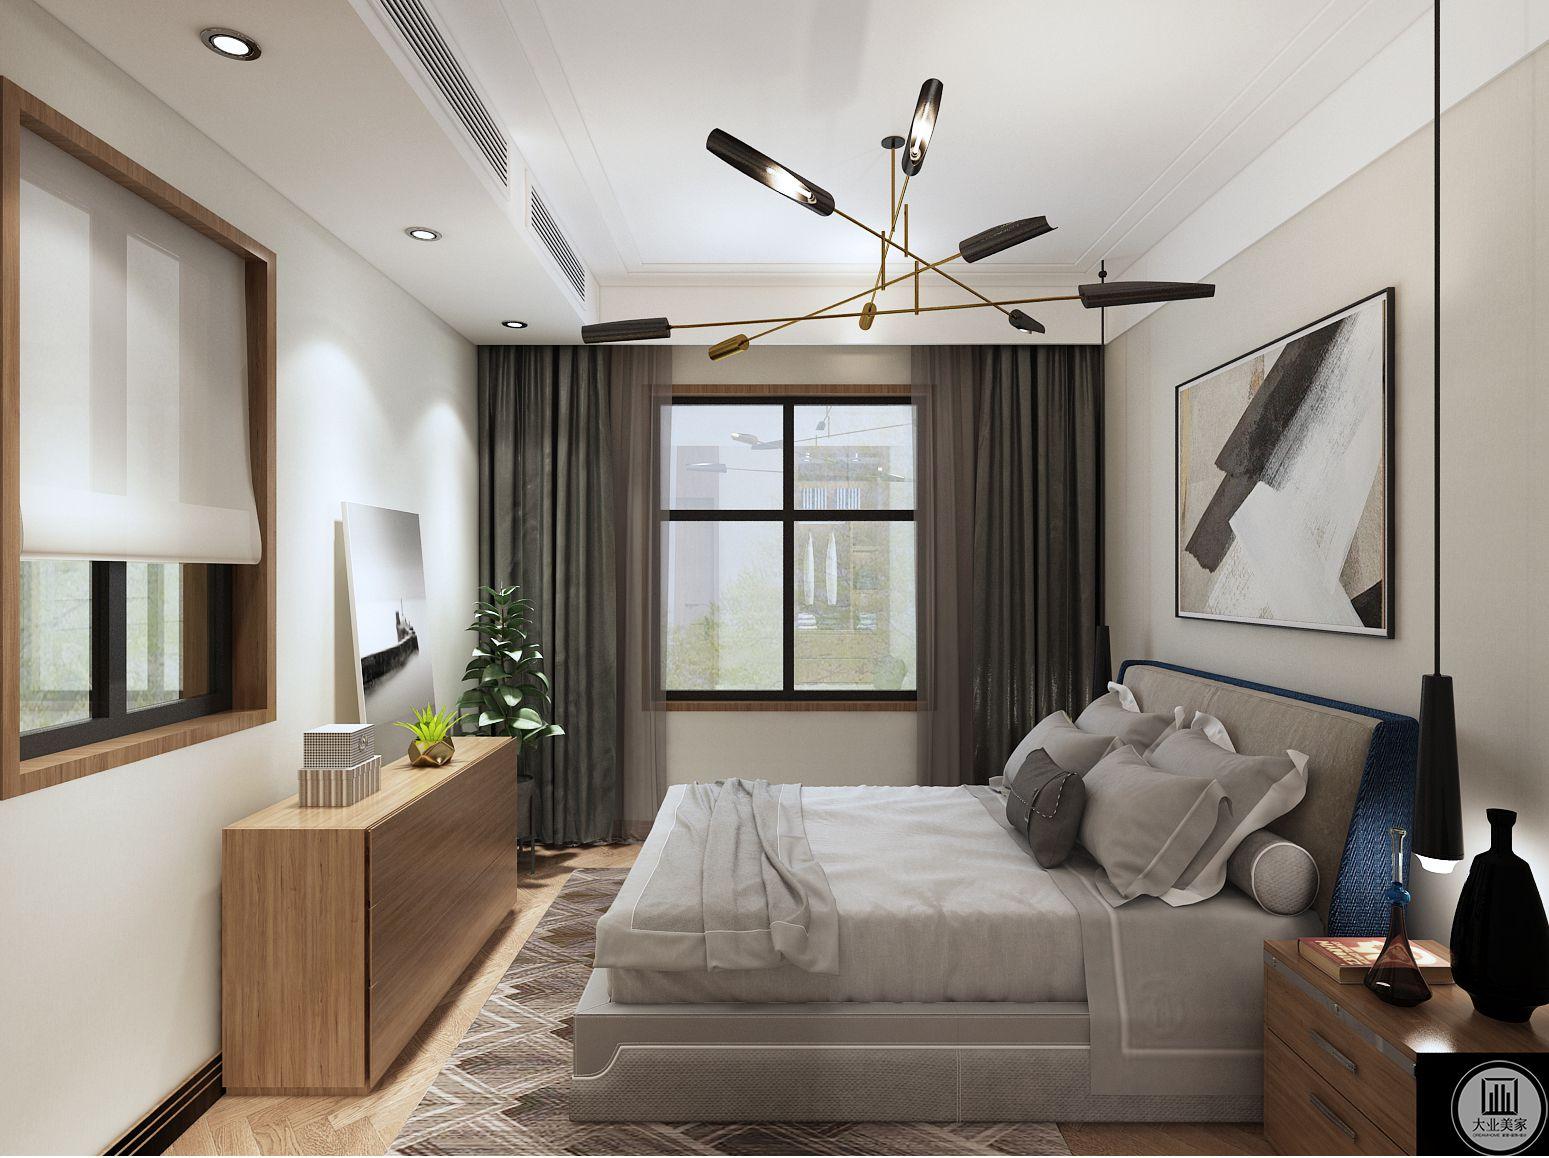 深灰色丝缎窗帘与木色柜面为主卧奠定了素雅清新的基调。